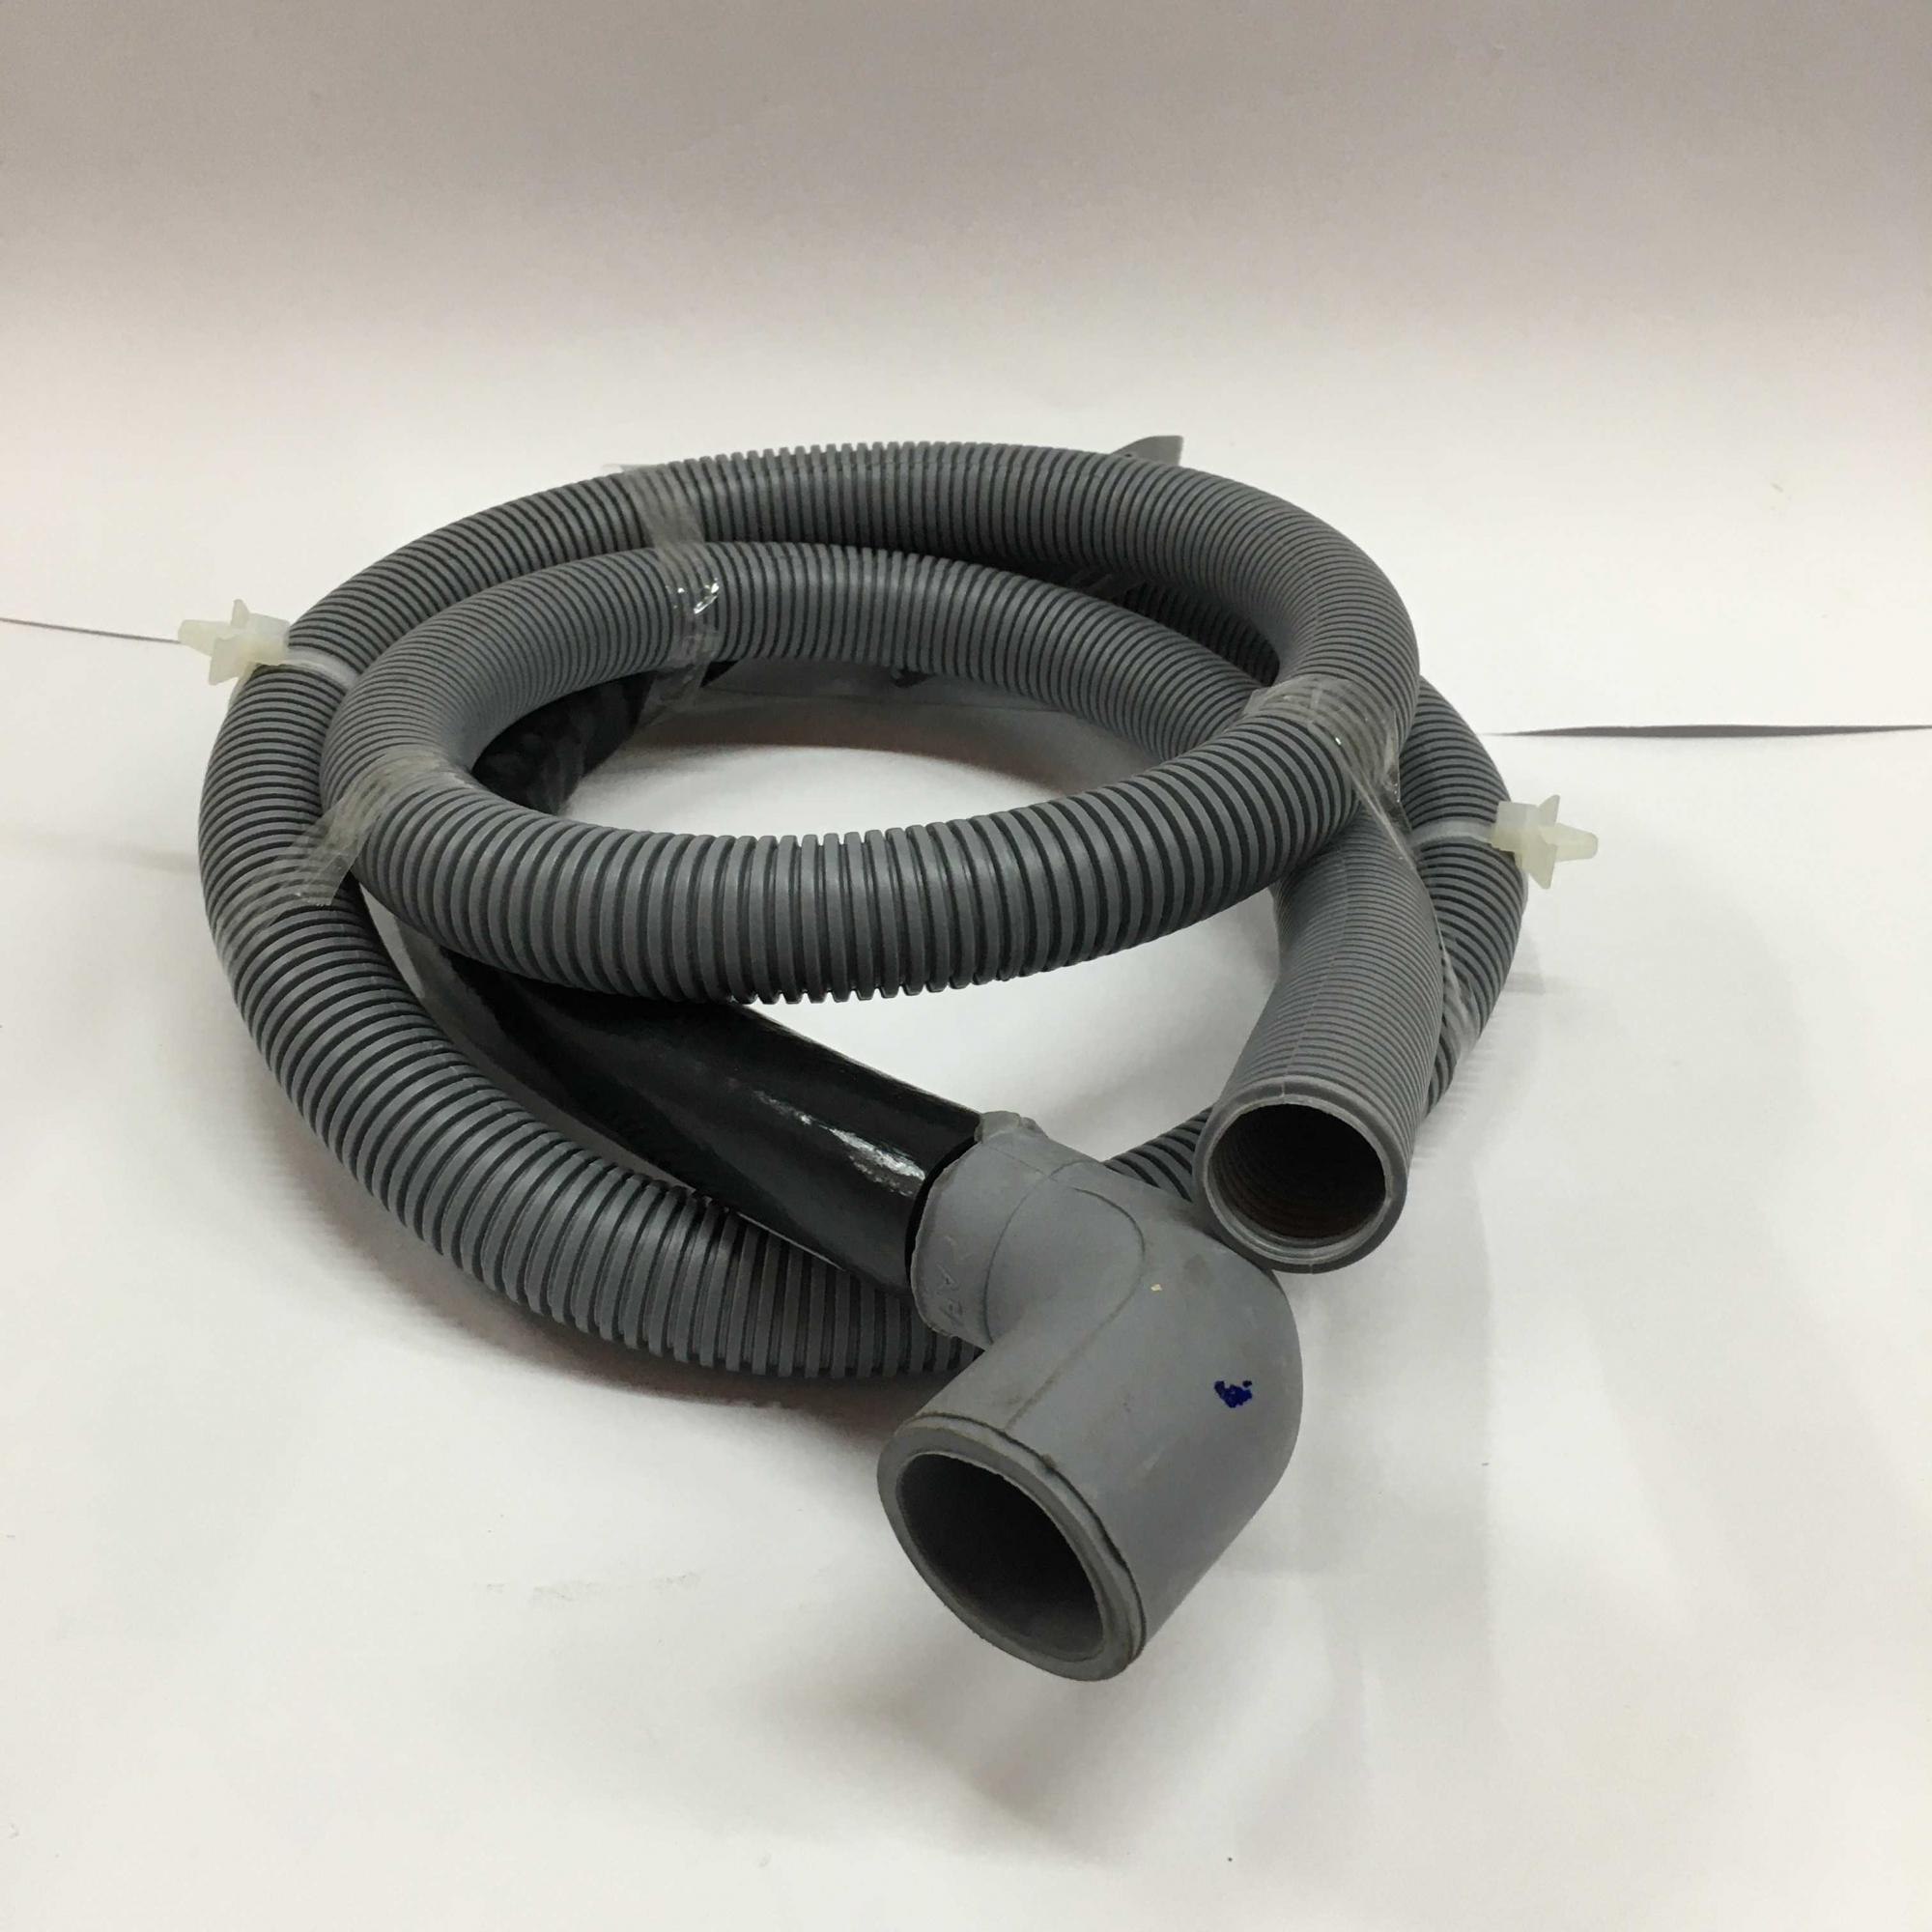 Mangueira saida de agua lavadora 2m boca larga curva 28mm